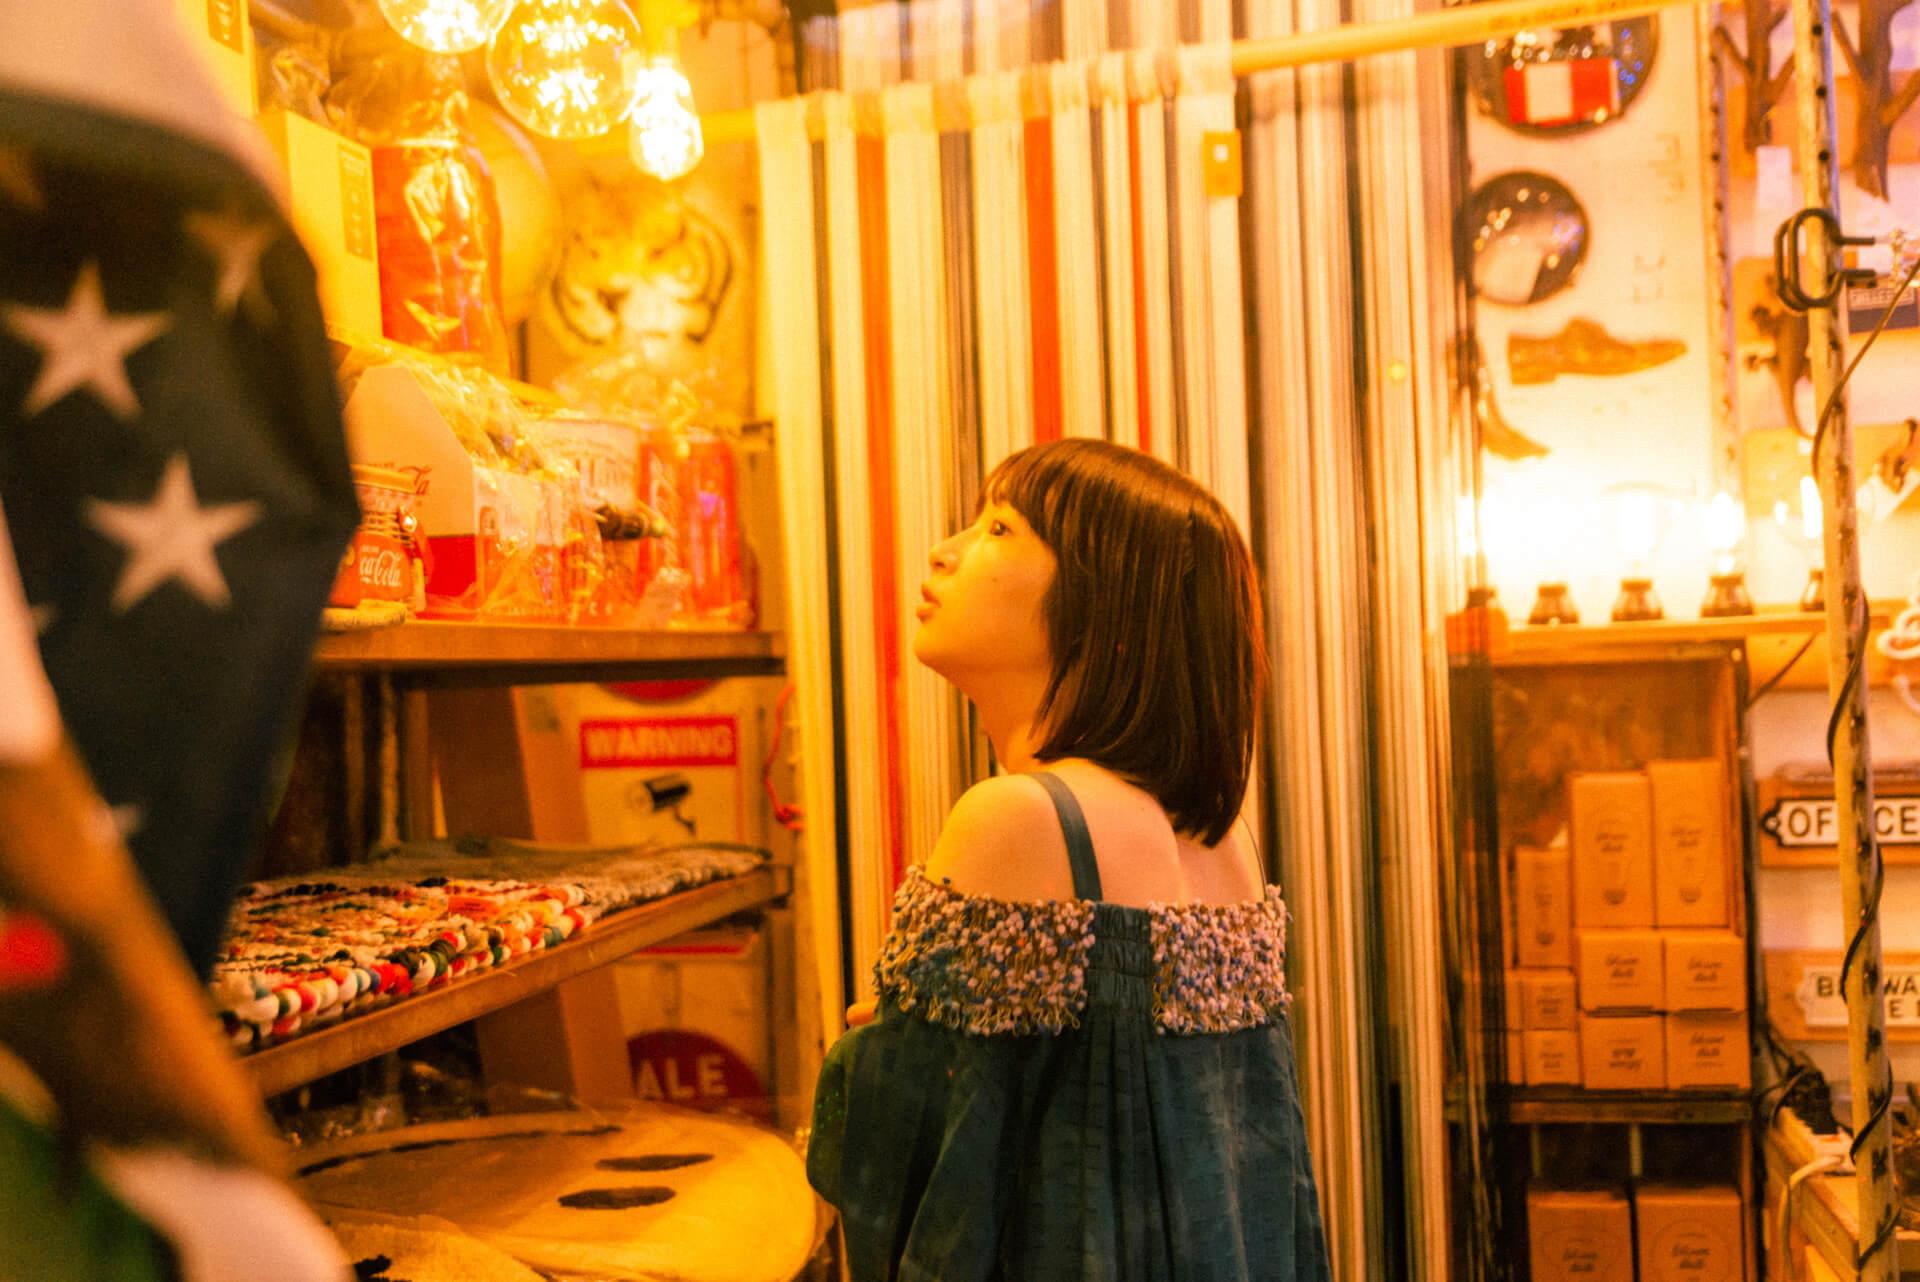 コウキシン女子の初体験vol.17 石川 瑠華:上野・アメ横 column_0917_ishikawaruka_8862-fix